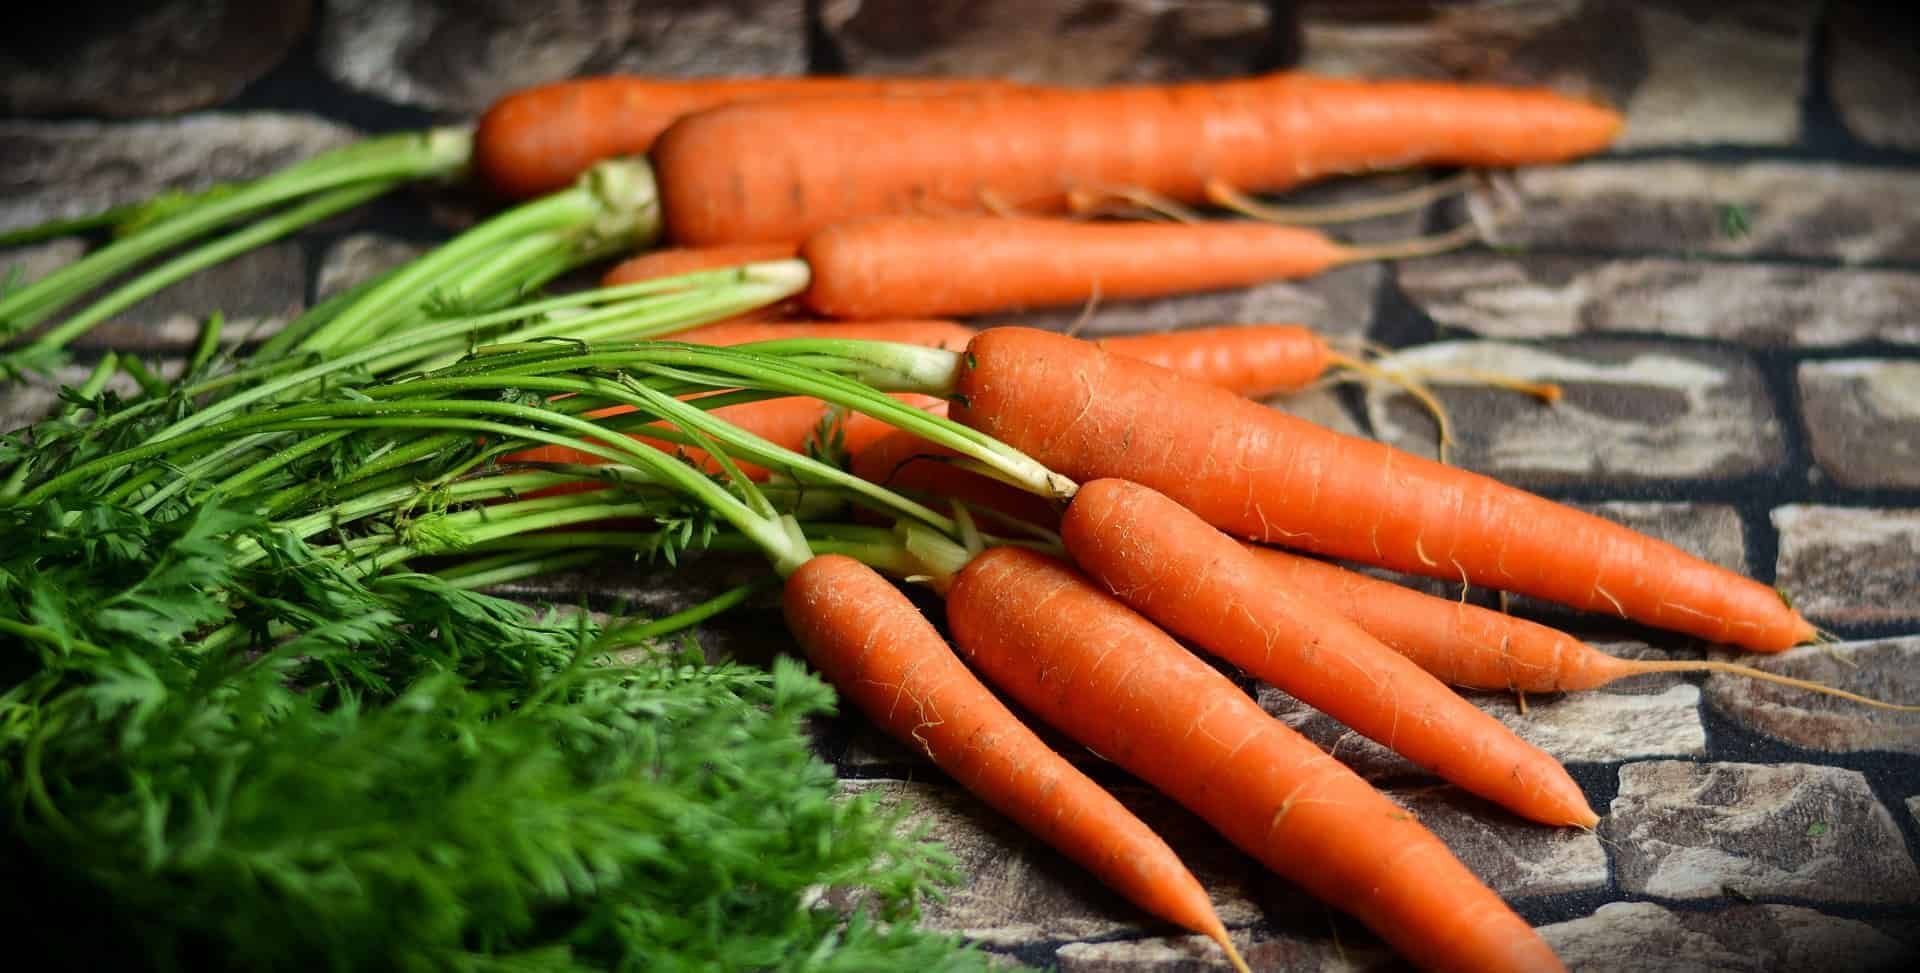 młoda marchewka indeks glikemiczny